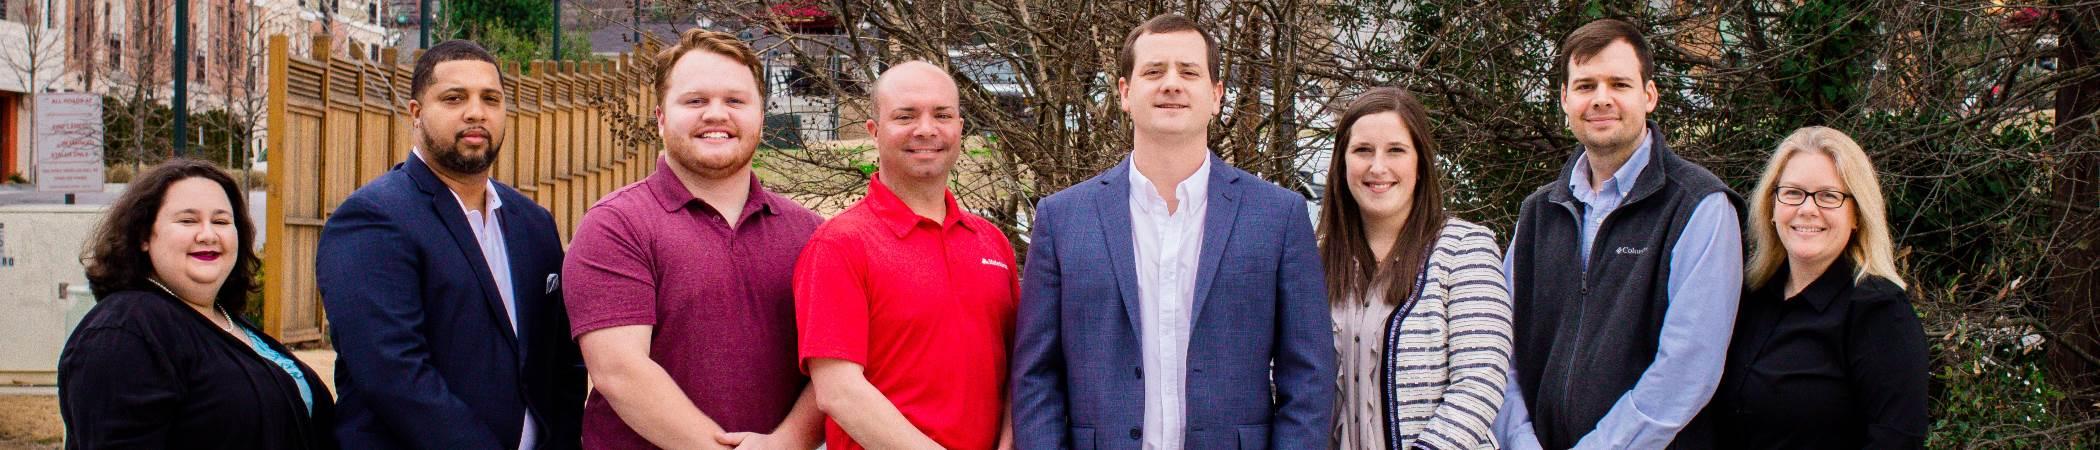 State Farm Insurance Agent Stephen Cole in Atlanta GA